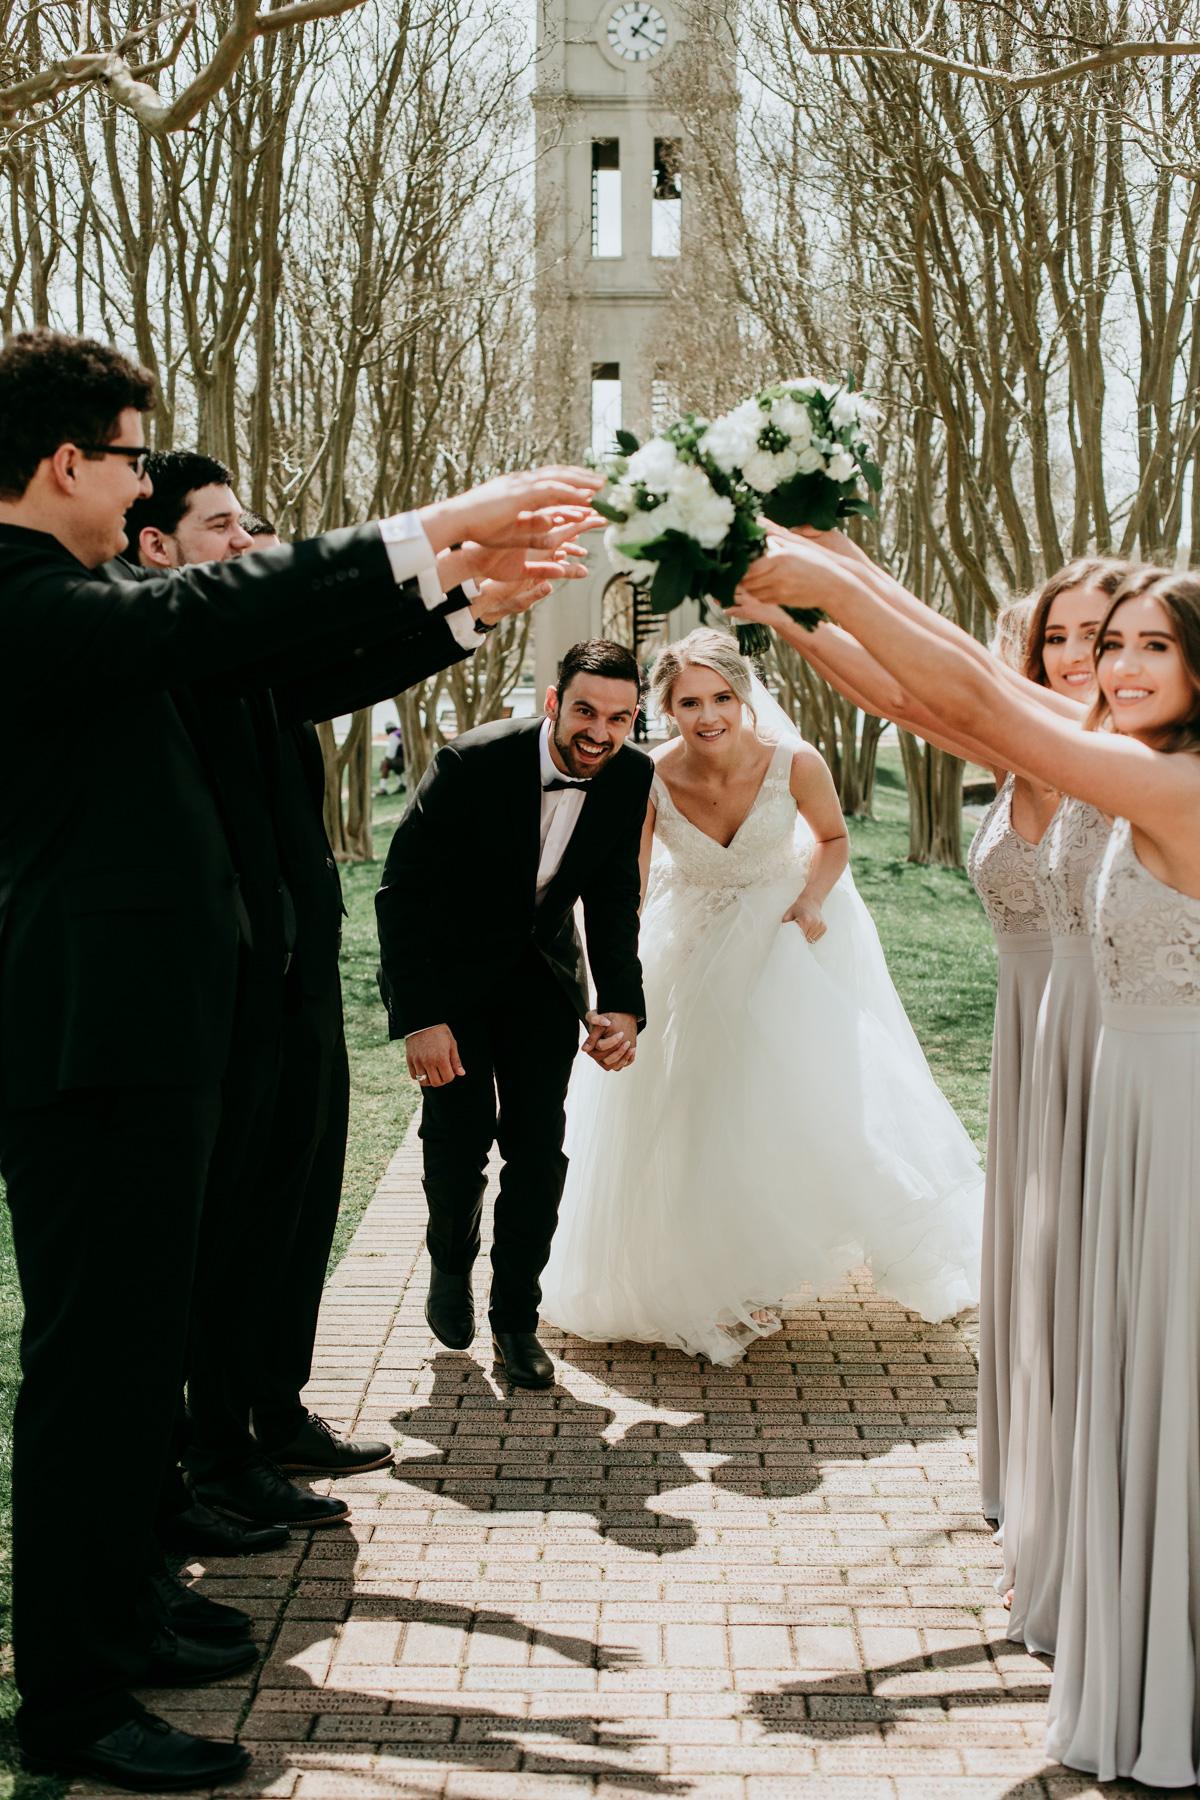 fun-wedding-photos-ideas.jpg